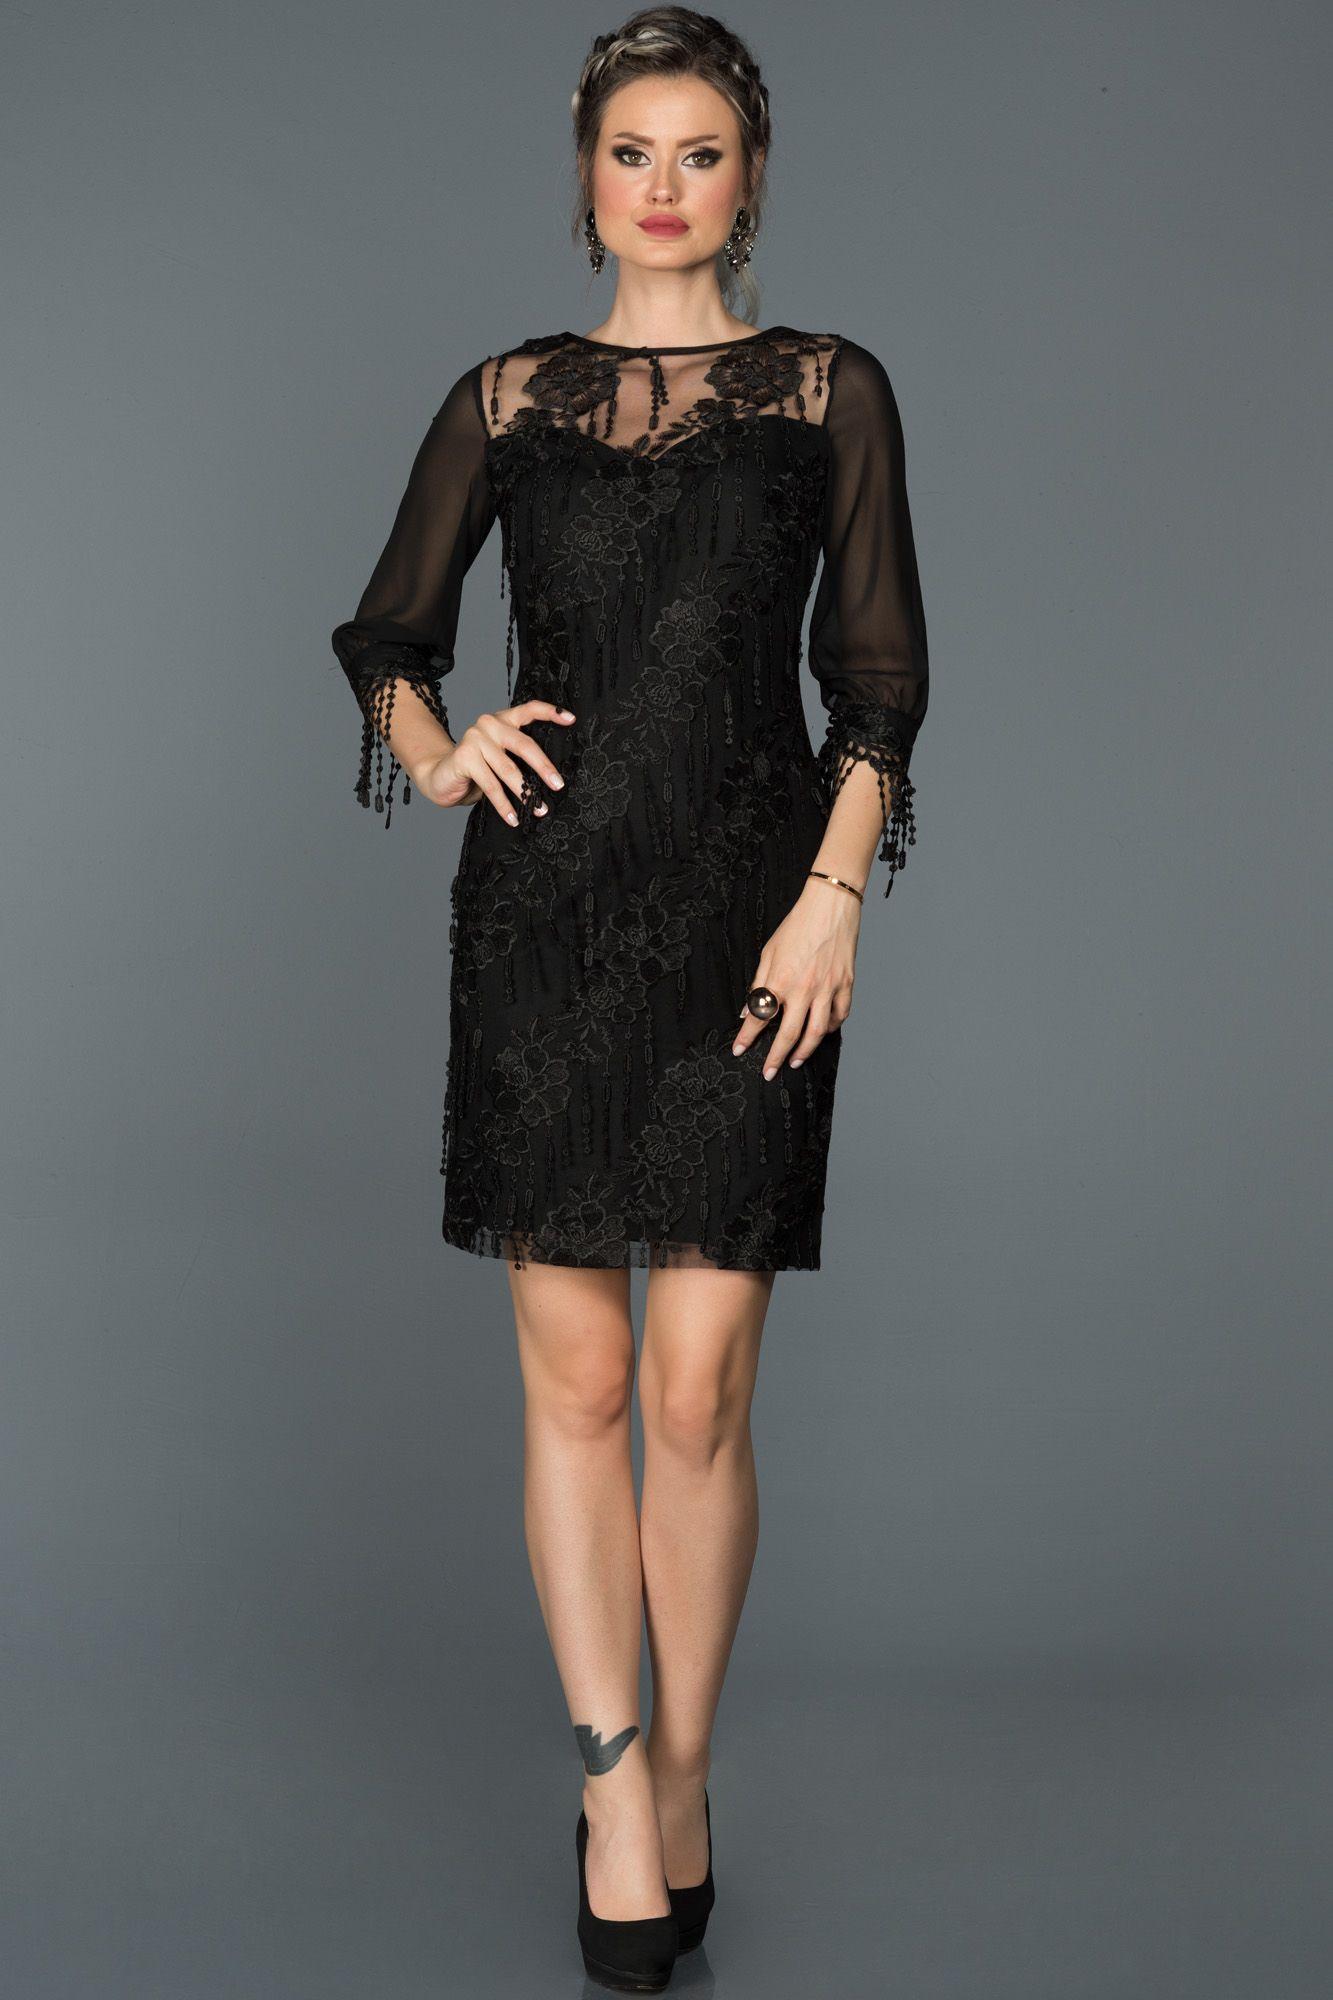 Siyah Kapri Kol Puskullu Abiye Abk039 The Dress Elbiseler Elbise Modelleri